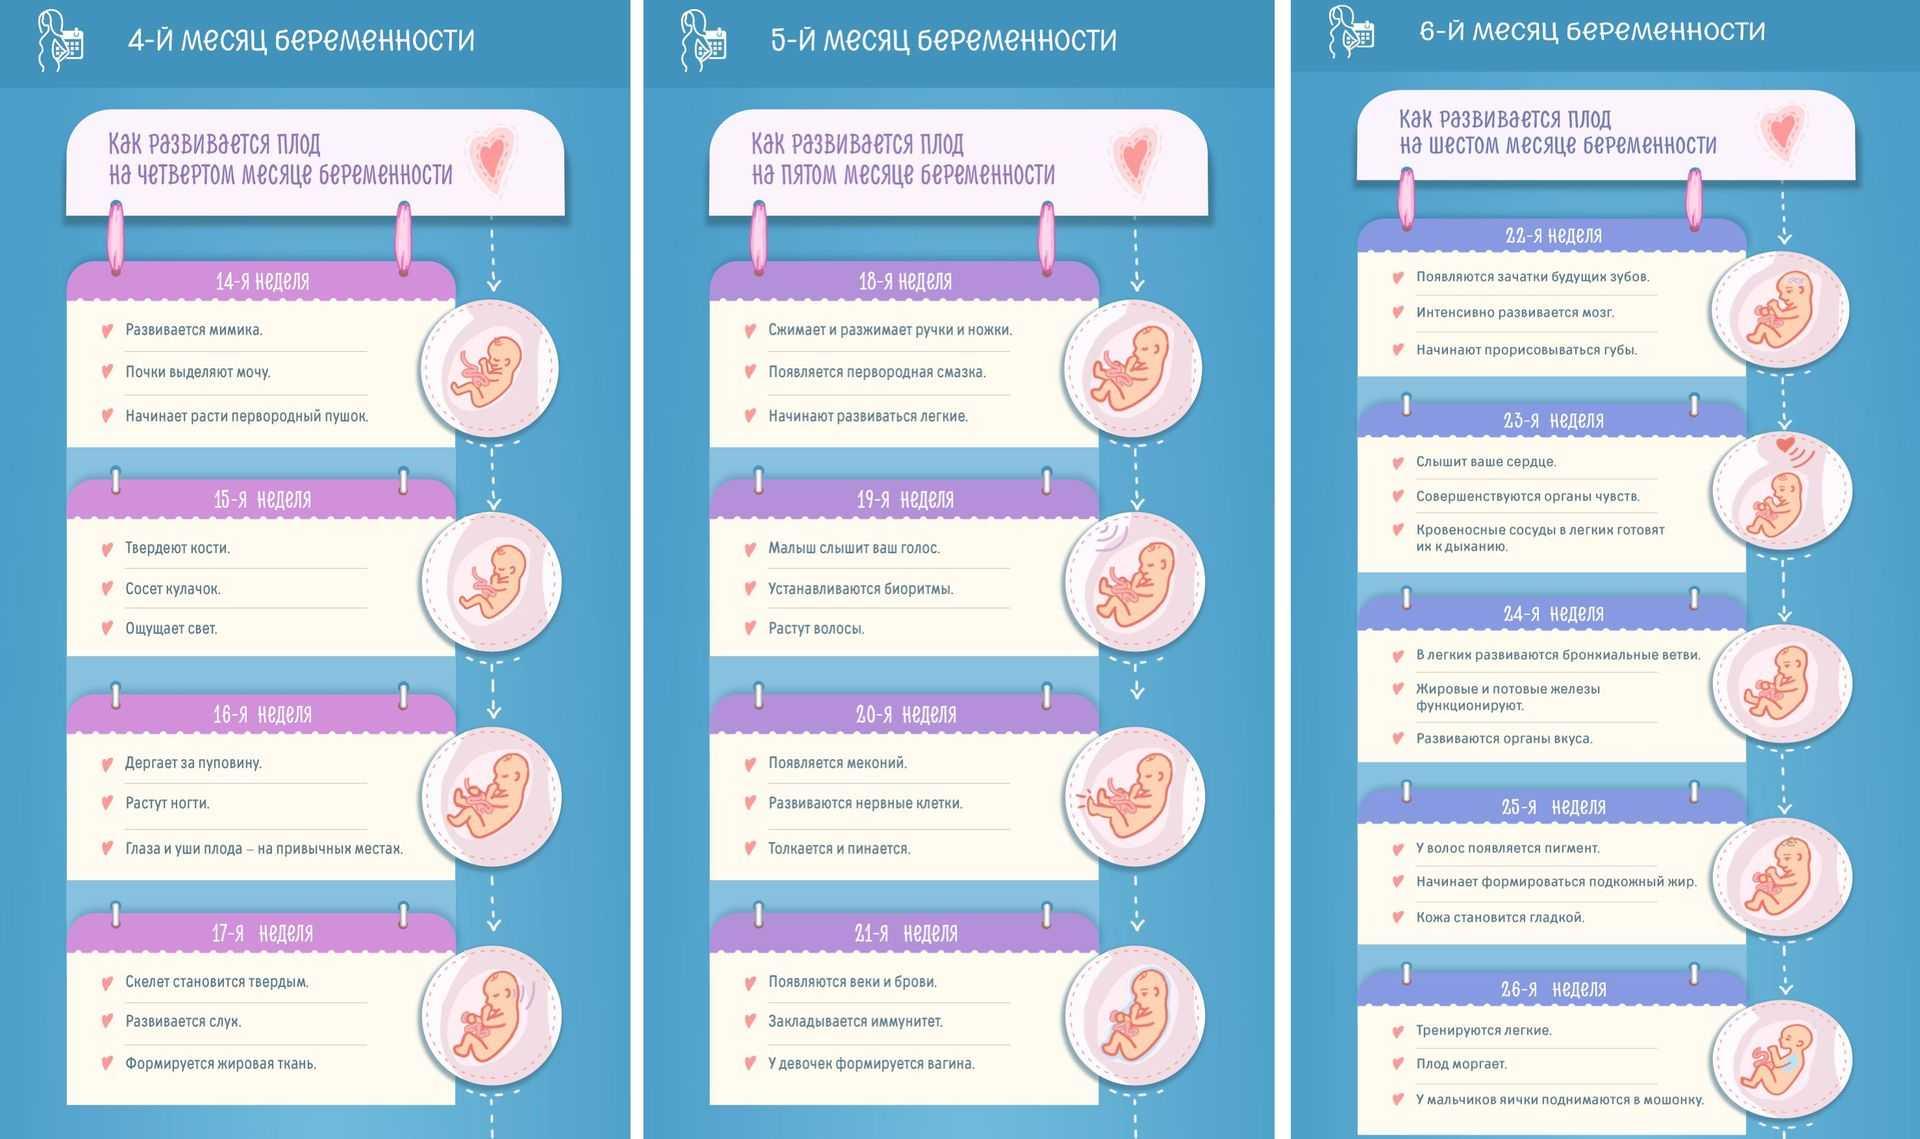 8 месяц беременности: развитие плода, ощущения беременной, узи